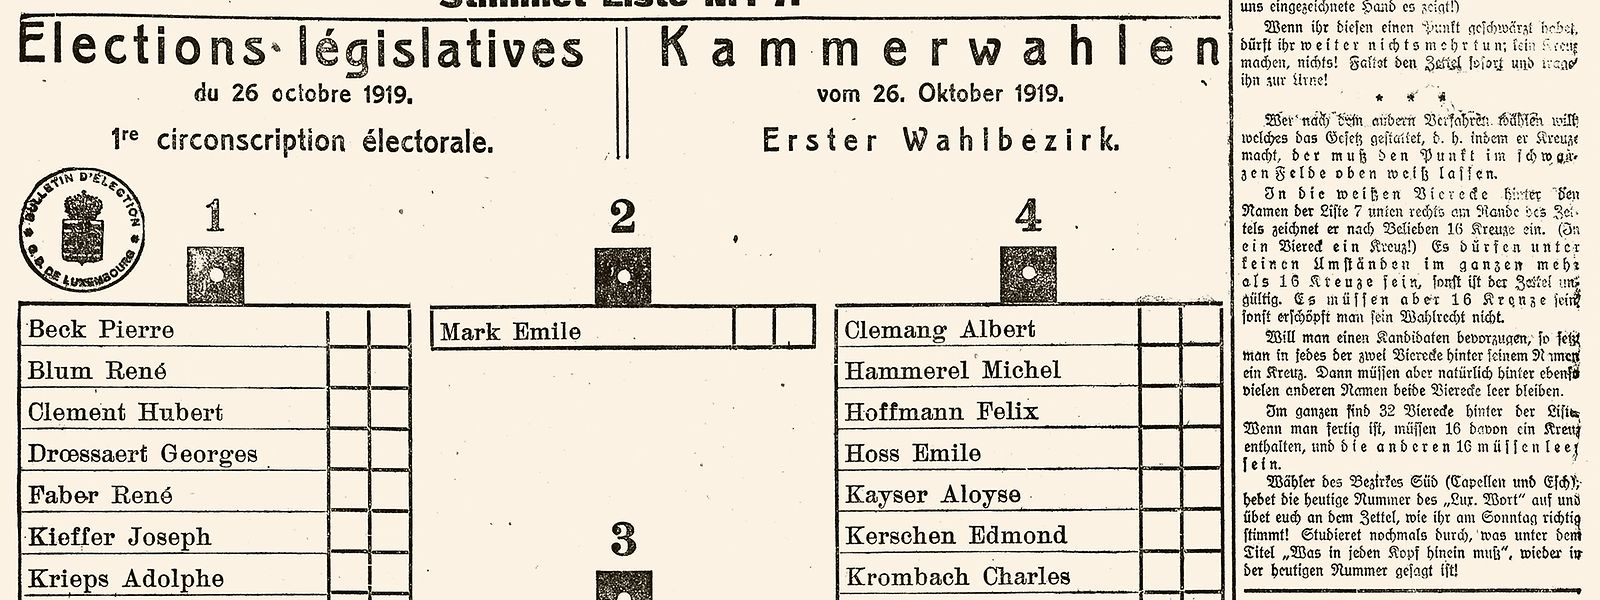 Zu den ersten allgemeinen Wahlen erklärte die Zeitung, wie der Wahlzettel auszufüllen sei.